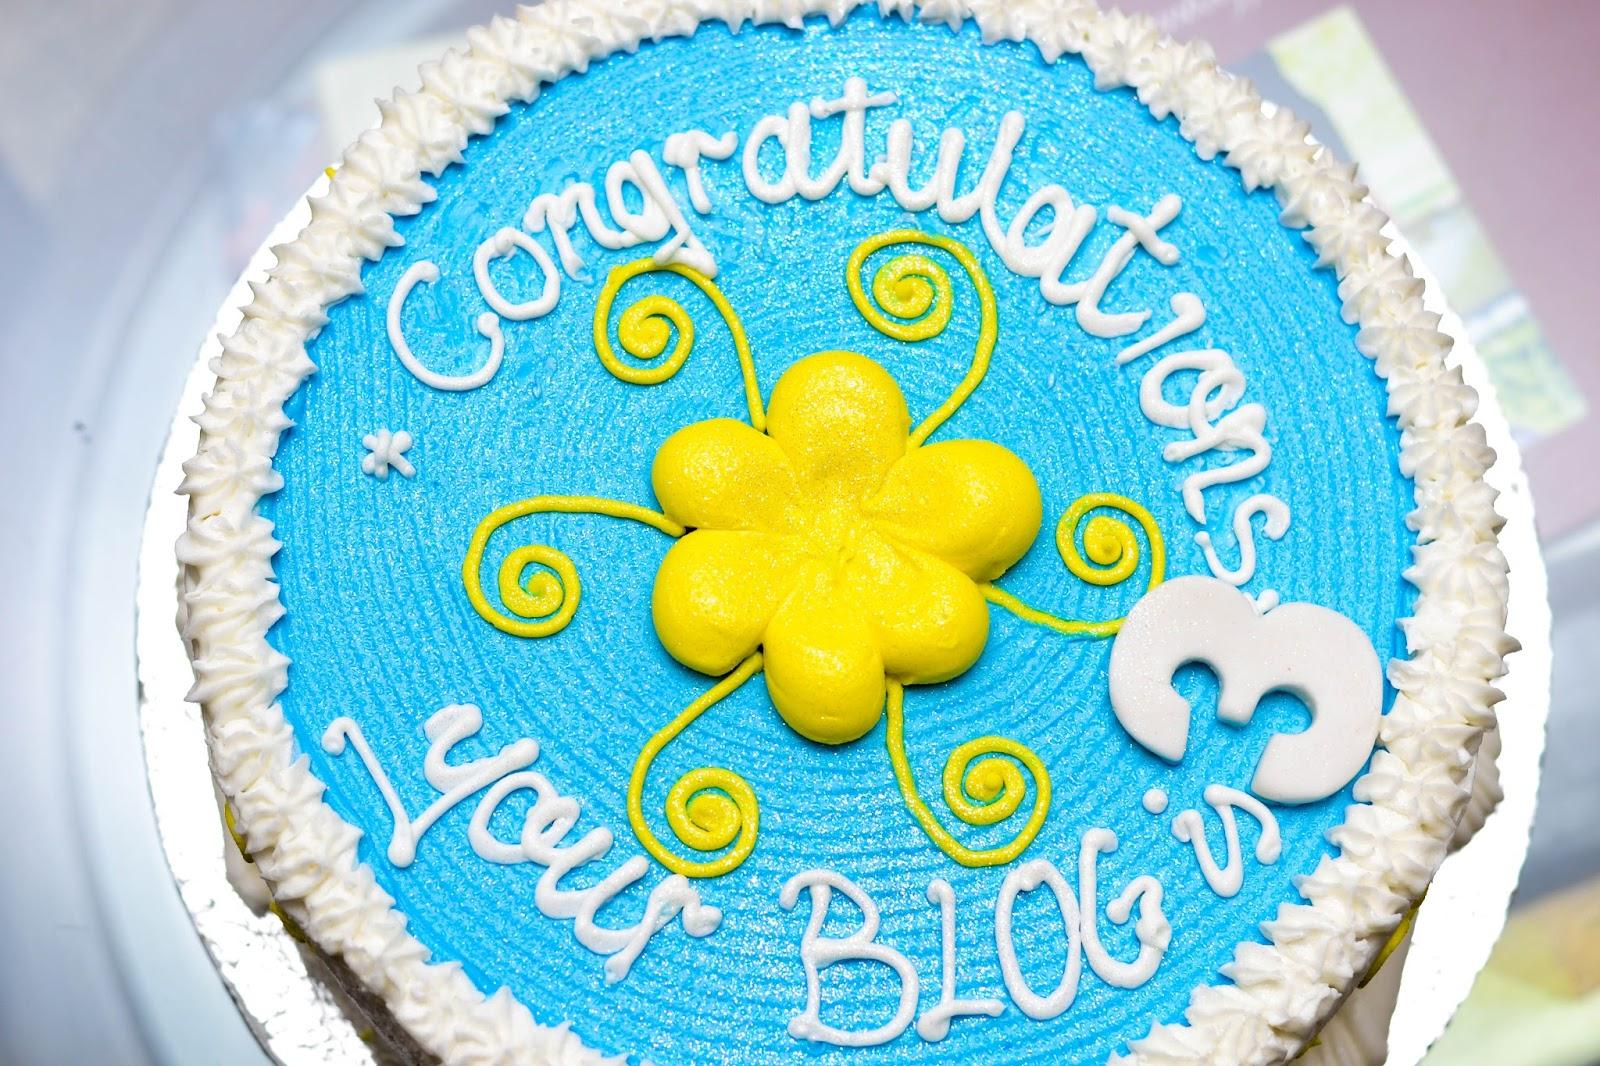 Beautiful Anniversary Cake with Yellow Spirals